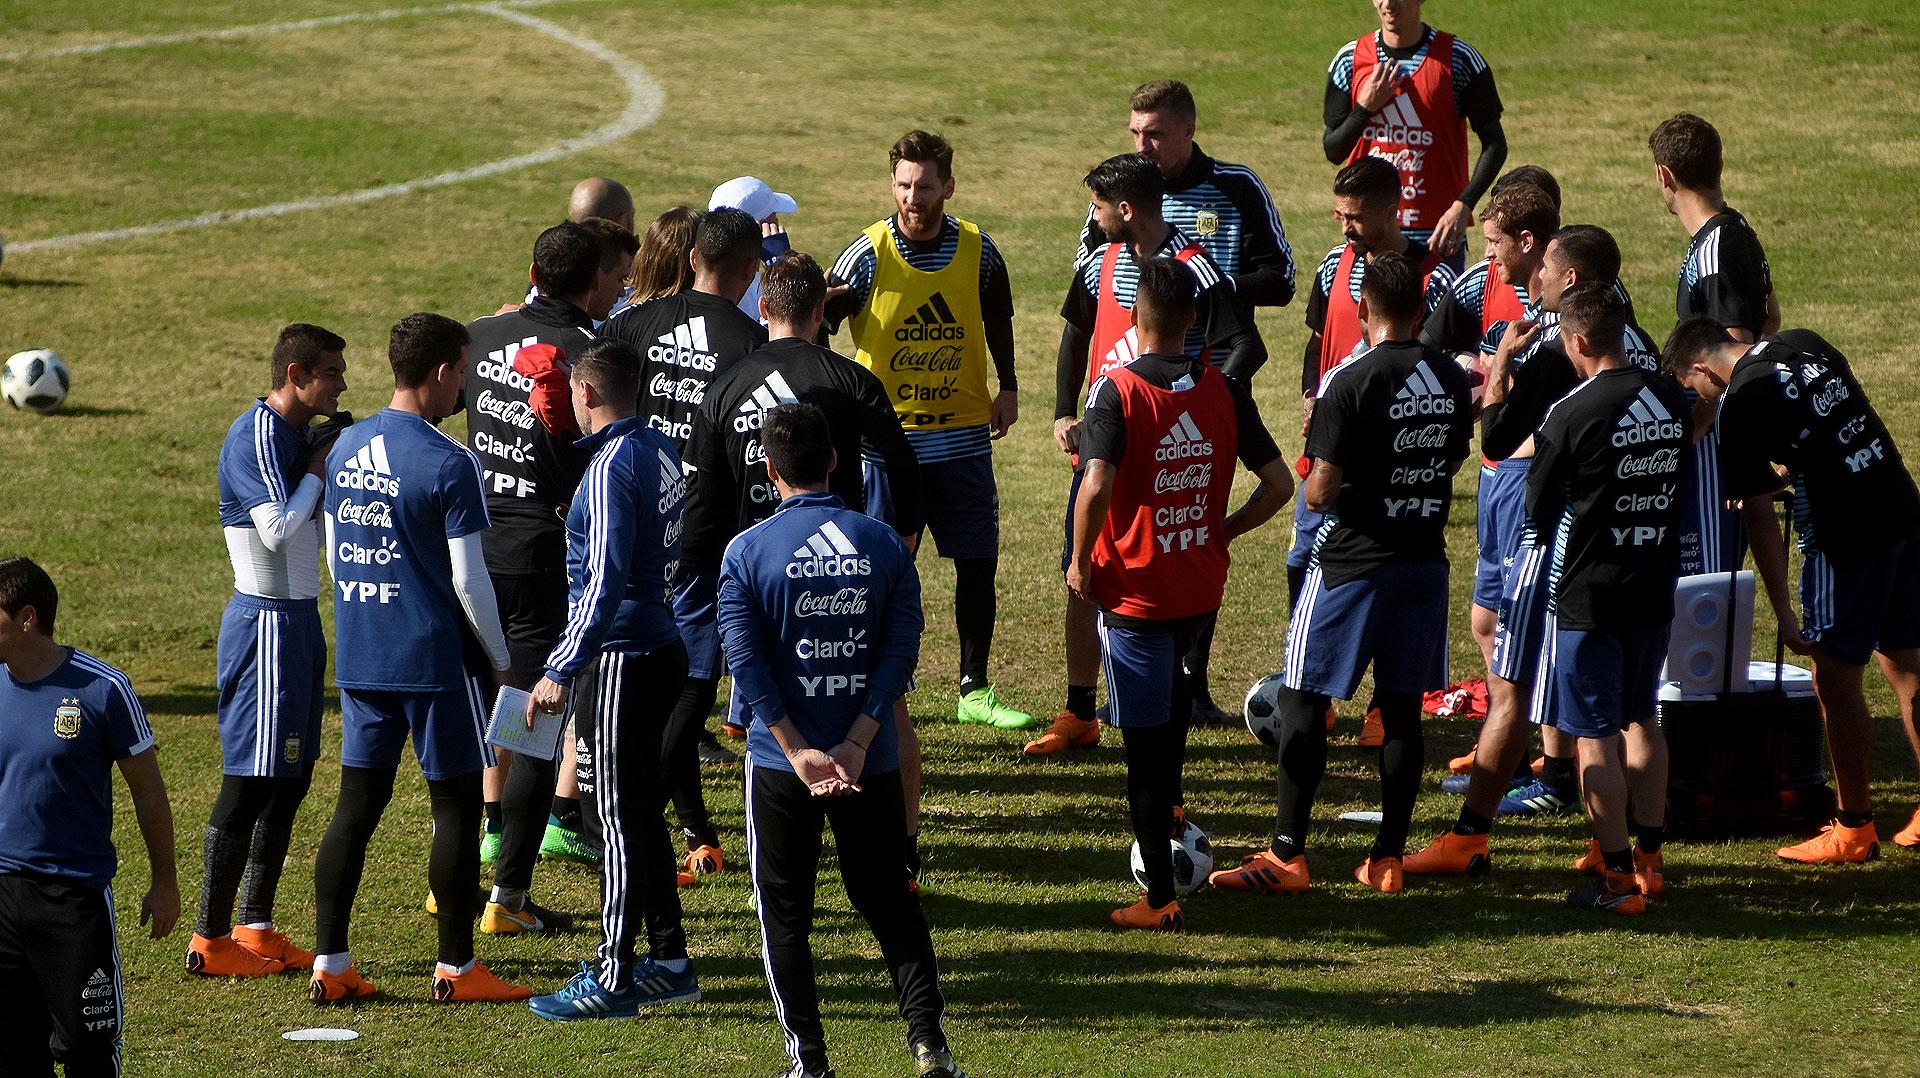 Después de la práctica abierta, los jugadores quedaron licenciados hasta el entrenamiento del lunes ya en el predio de la AFA en Ezeiza